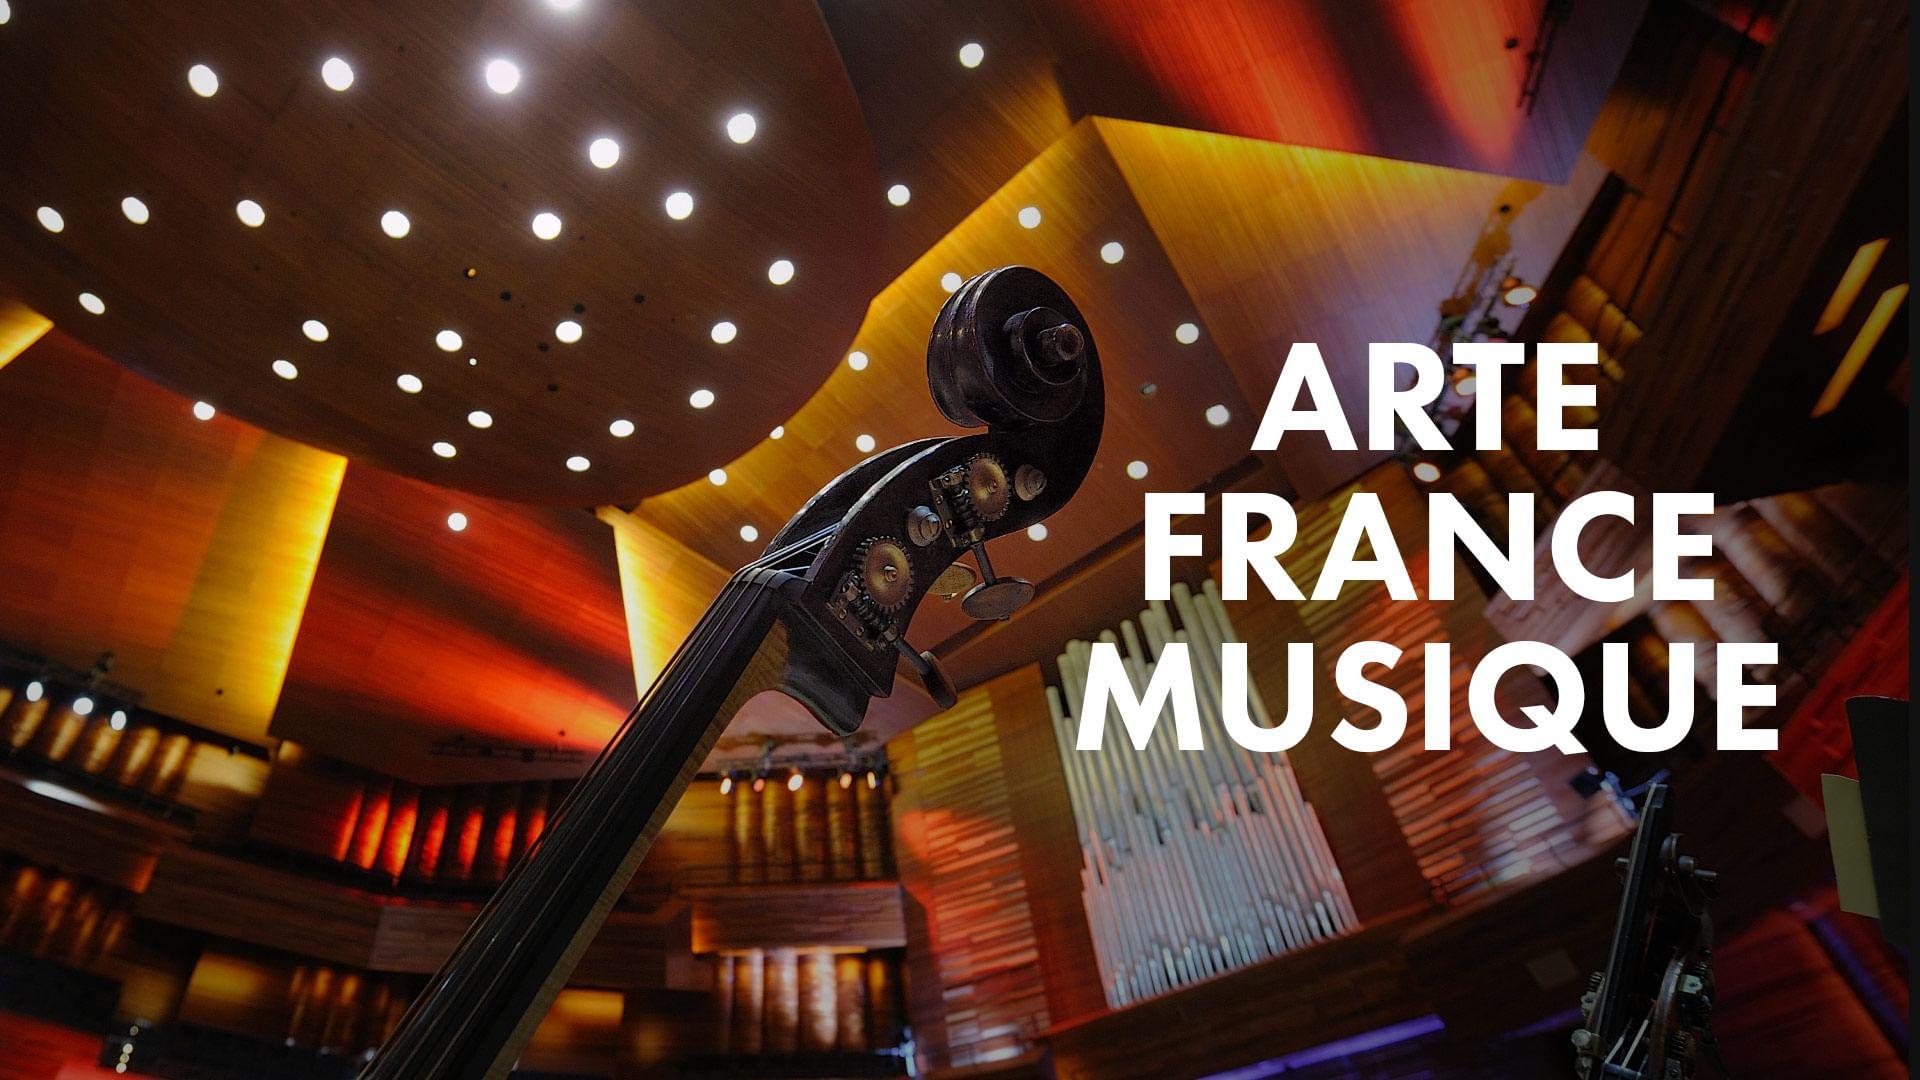 ARTE - France Musique